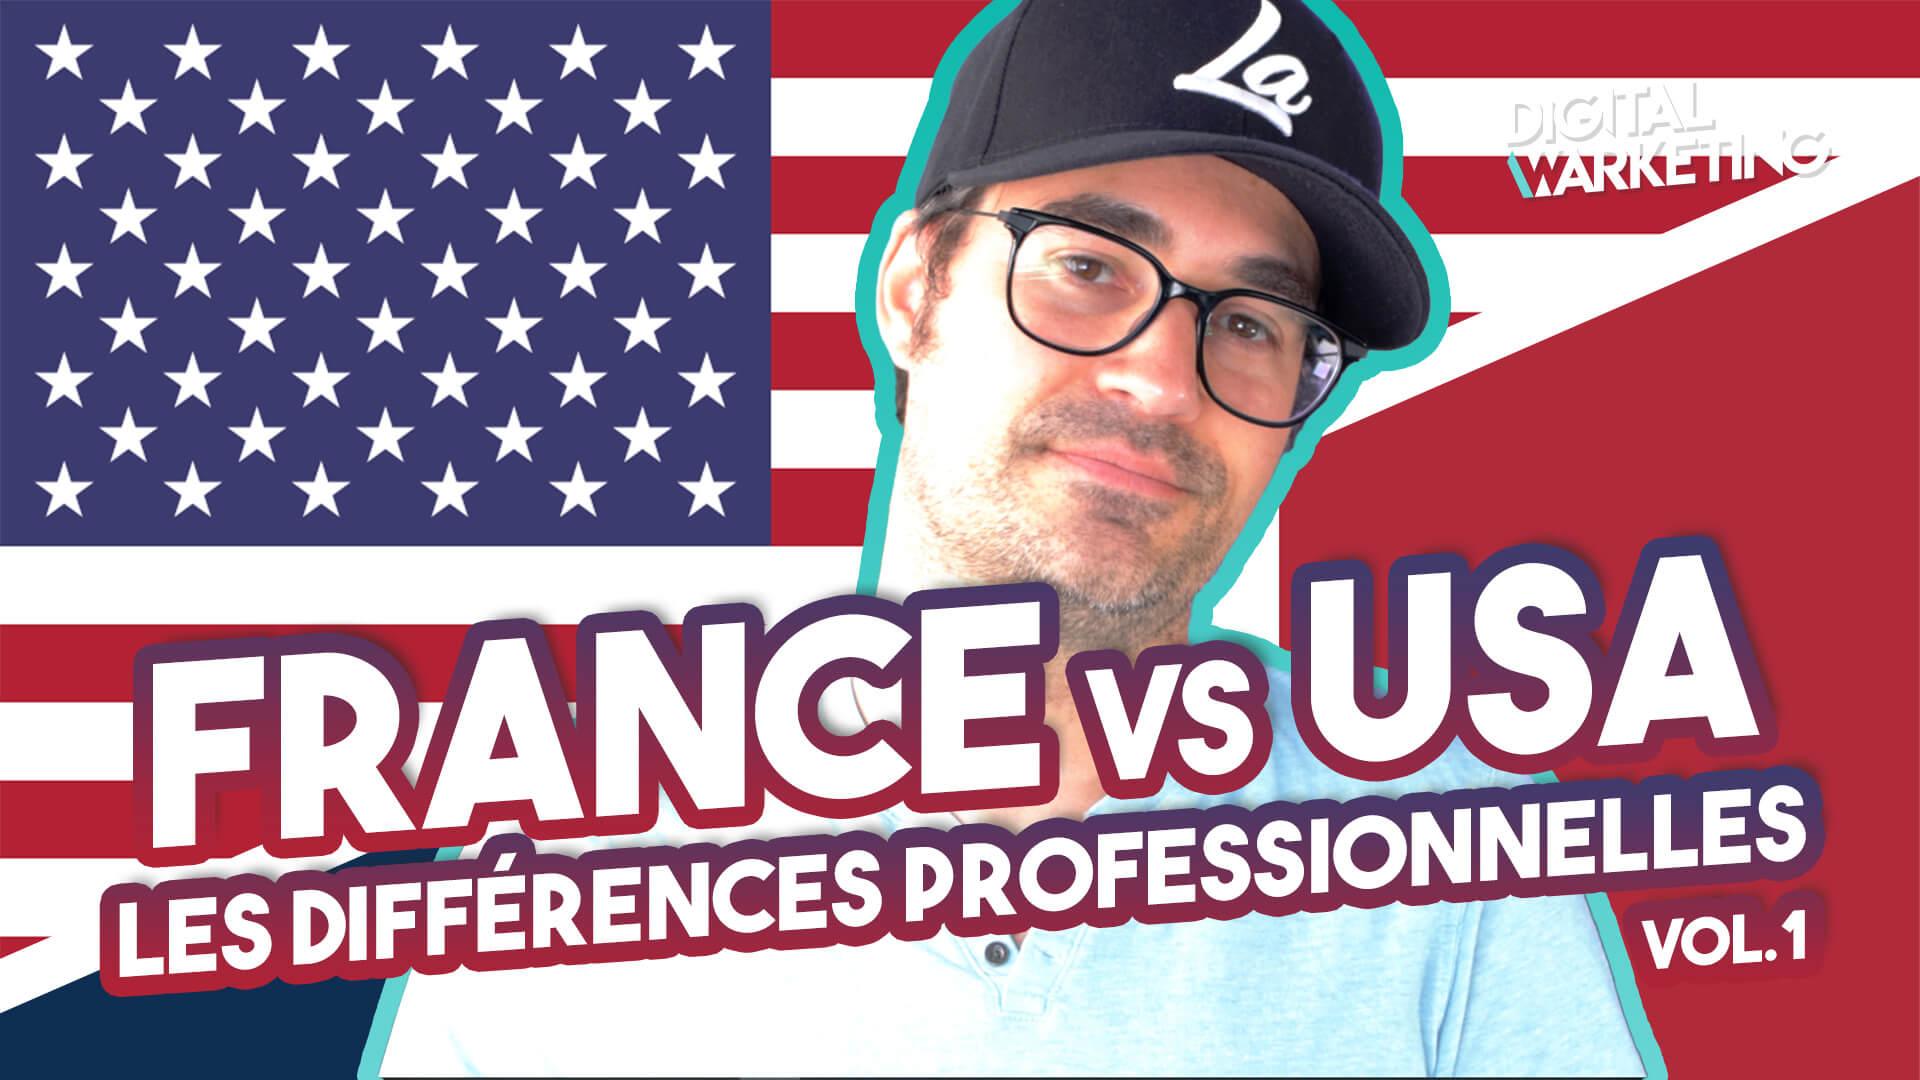 Travailler aux Etats-Unis – Les différences France USA Vol.1